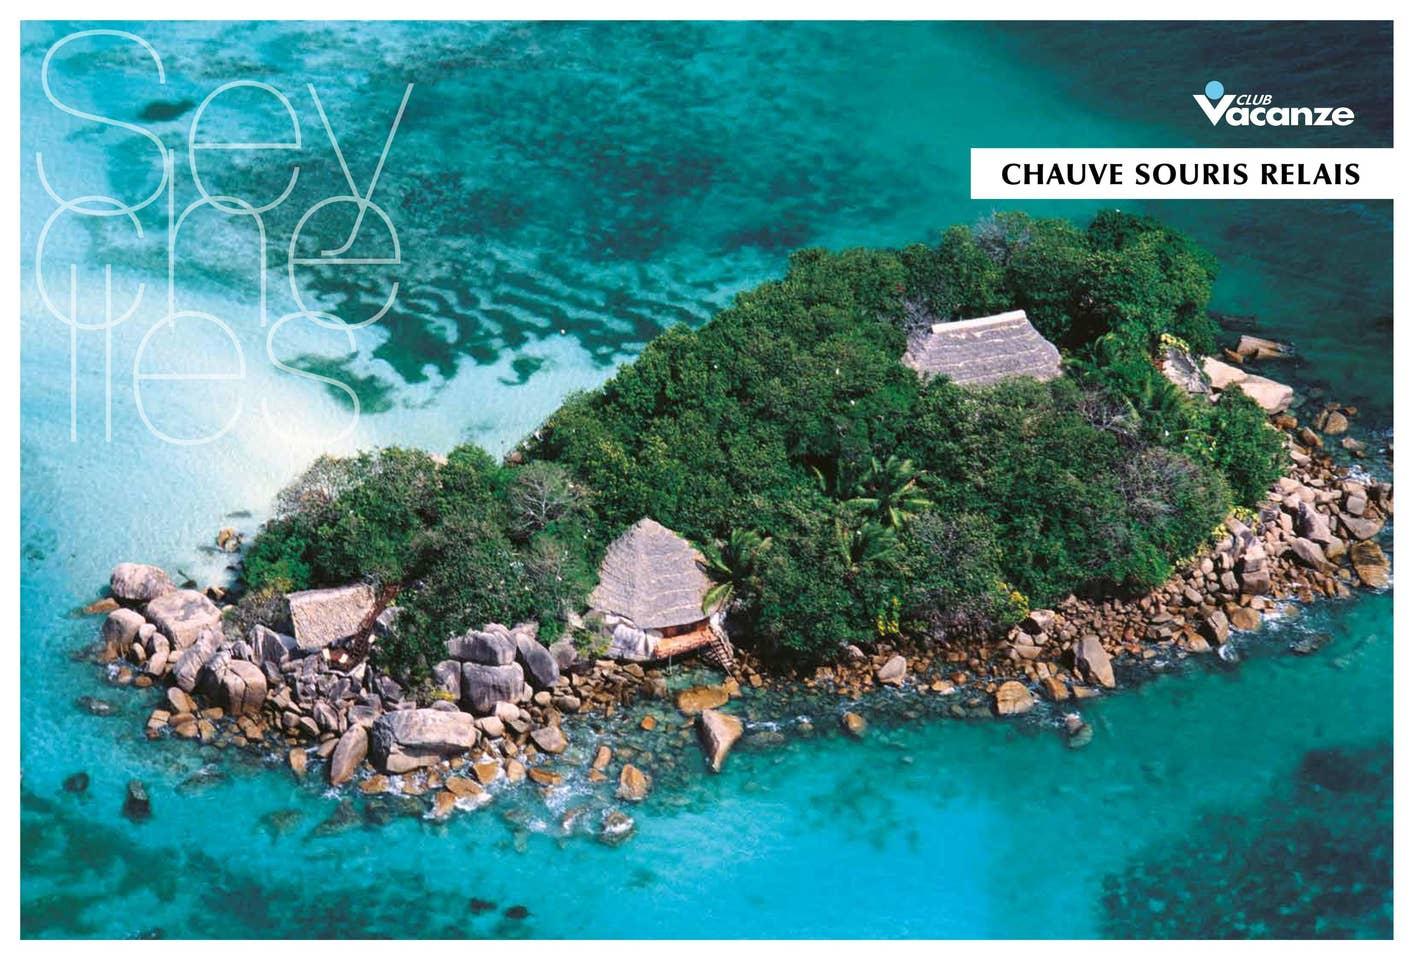 Chauve Souris Relais, Seychelles